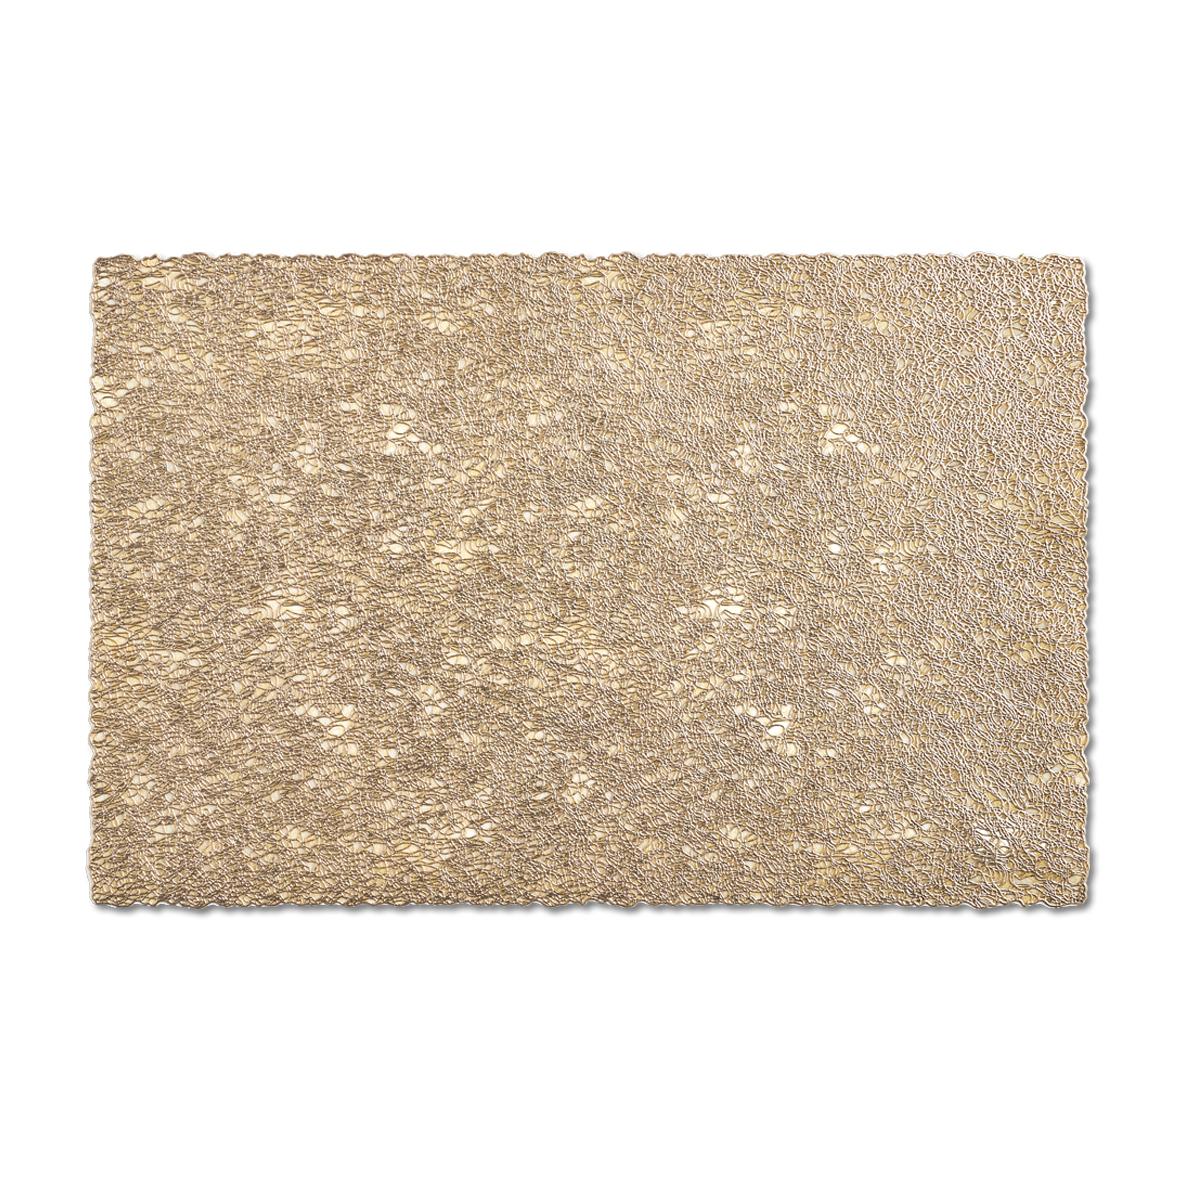 Фото - Подставка под горячее Zeller 30х45 см золото подставка под горячее zeller 35 см серый